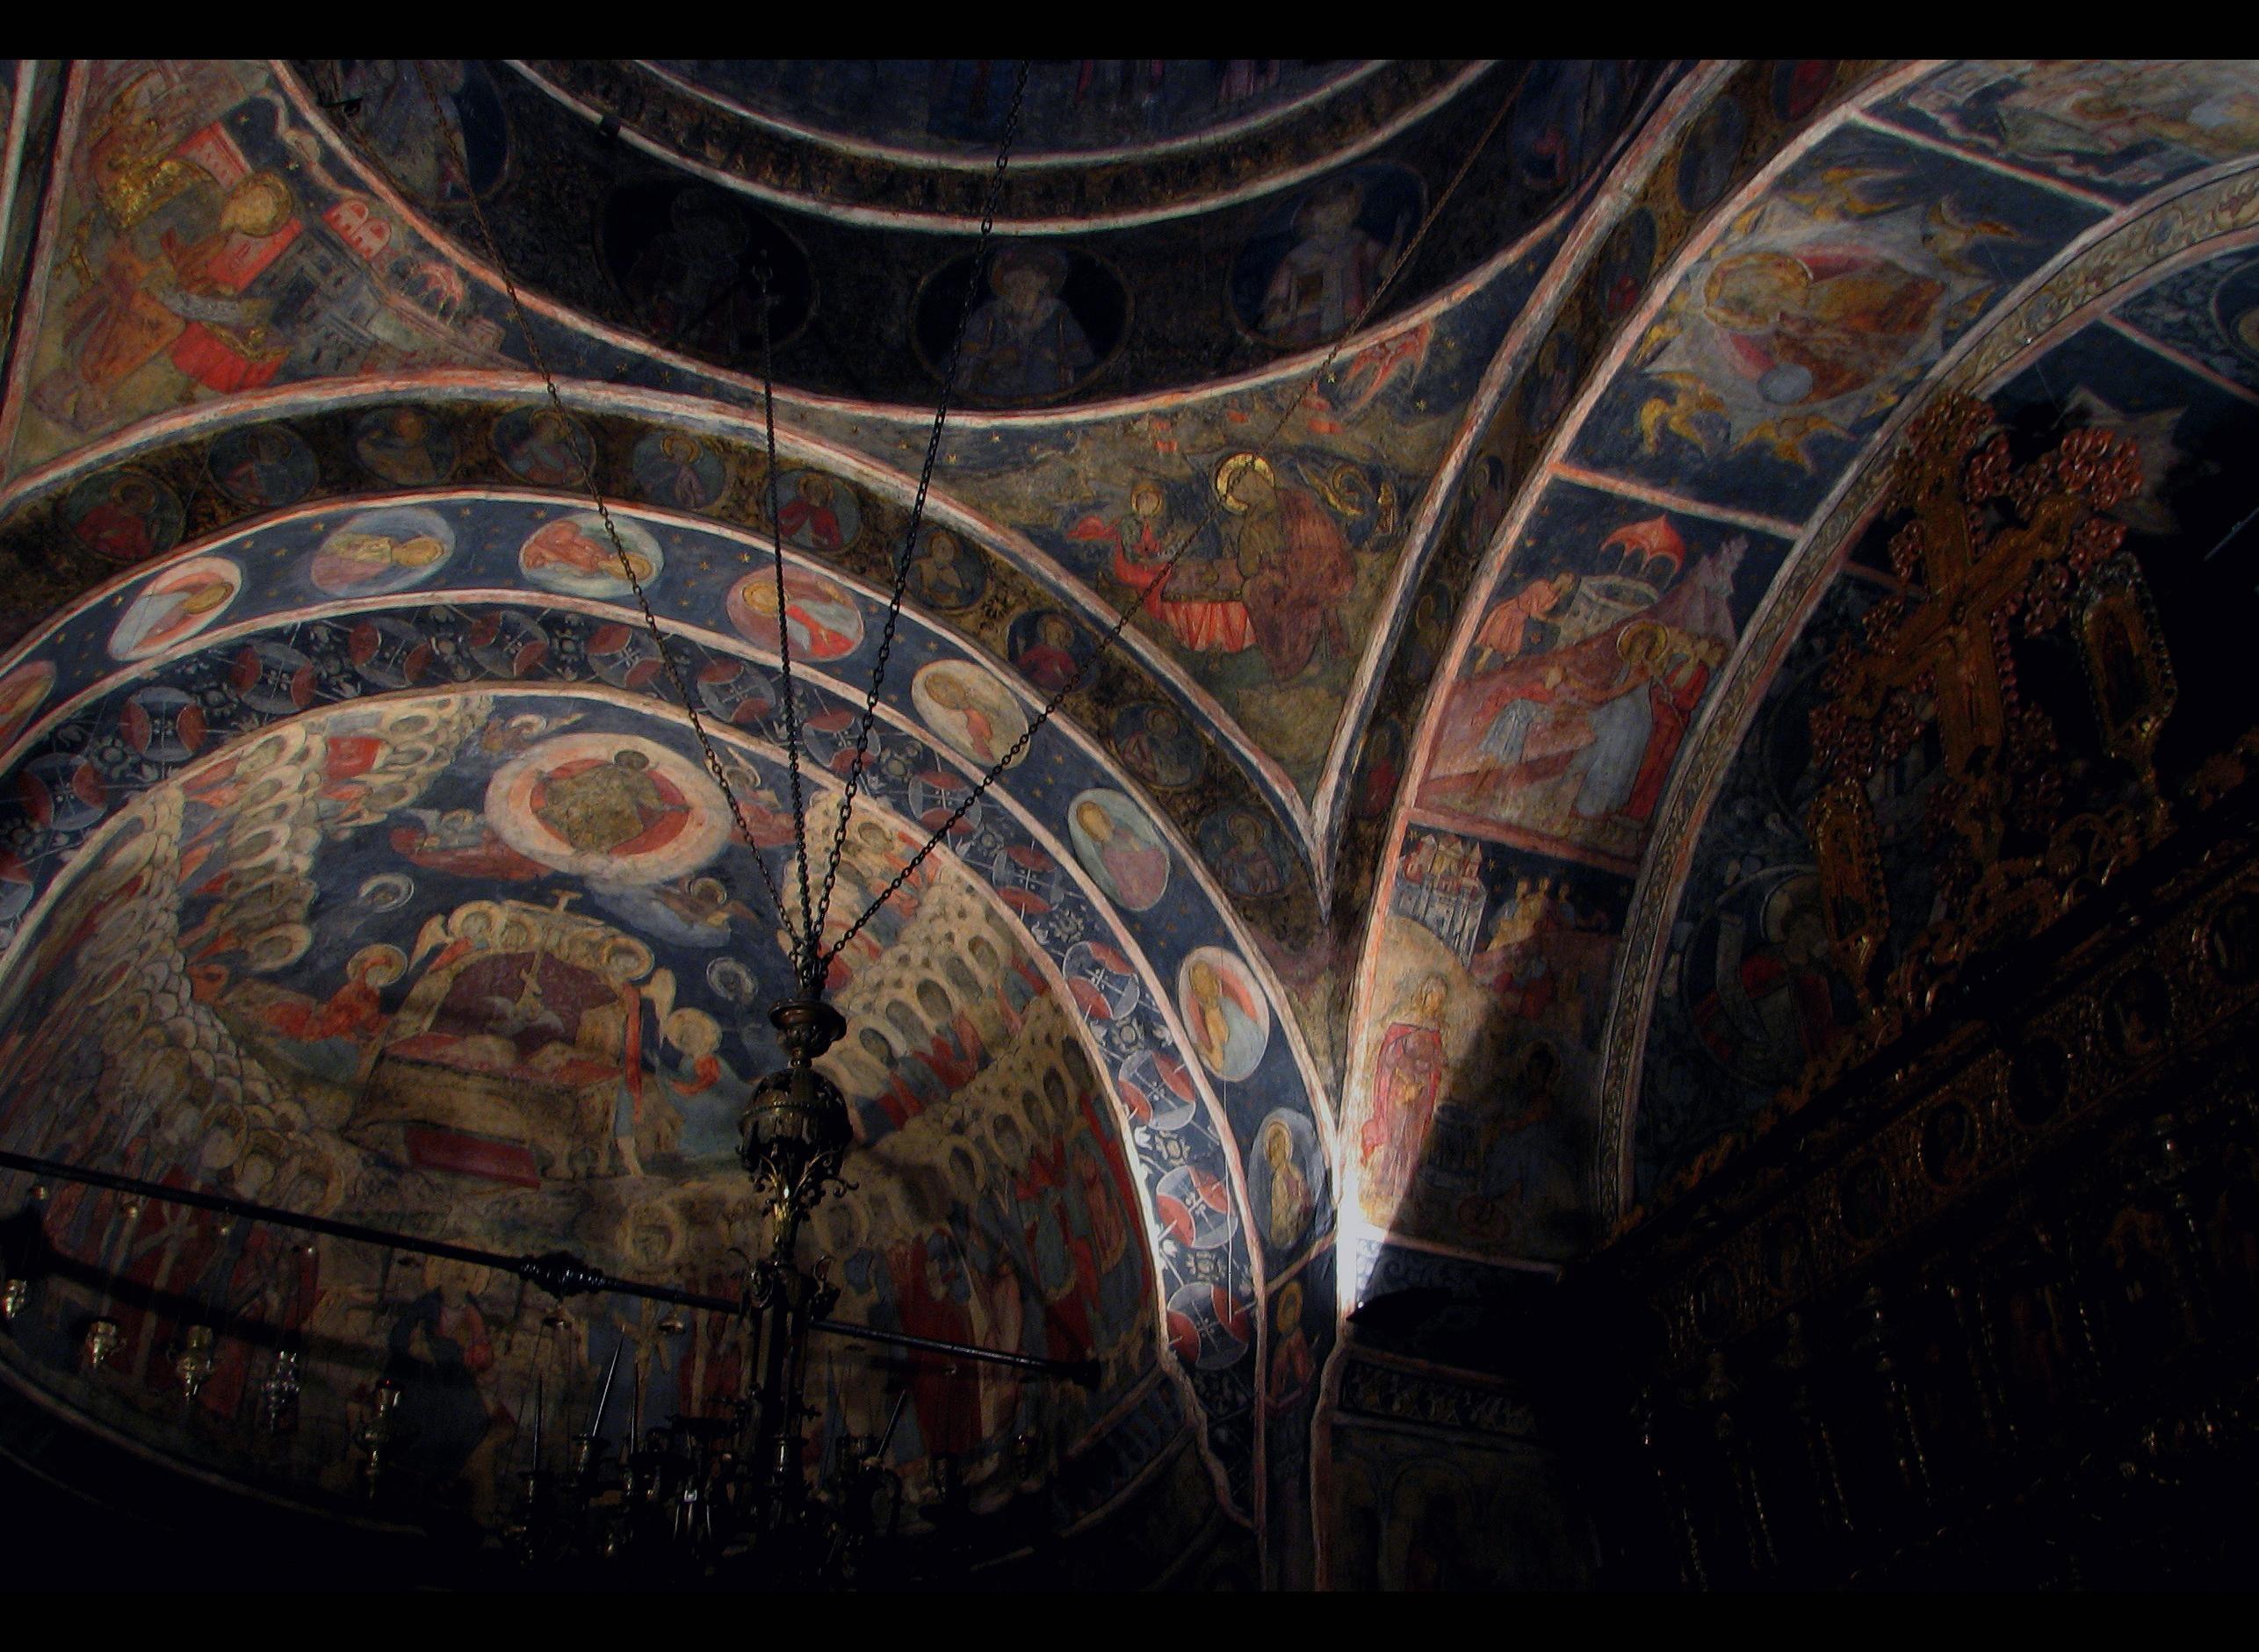 Foto gratis arte affresco religione bizantino for Design di architettura domestica gratuito